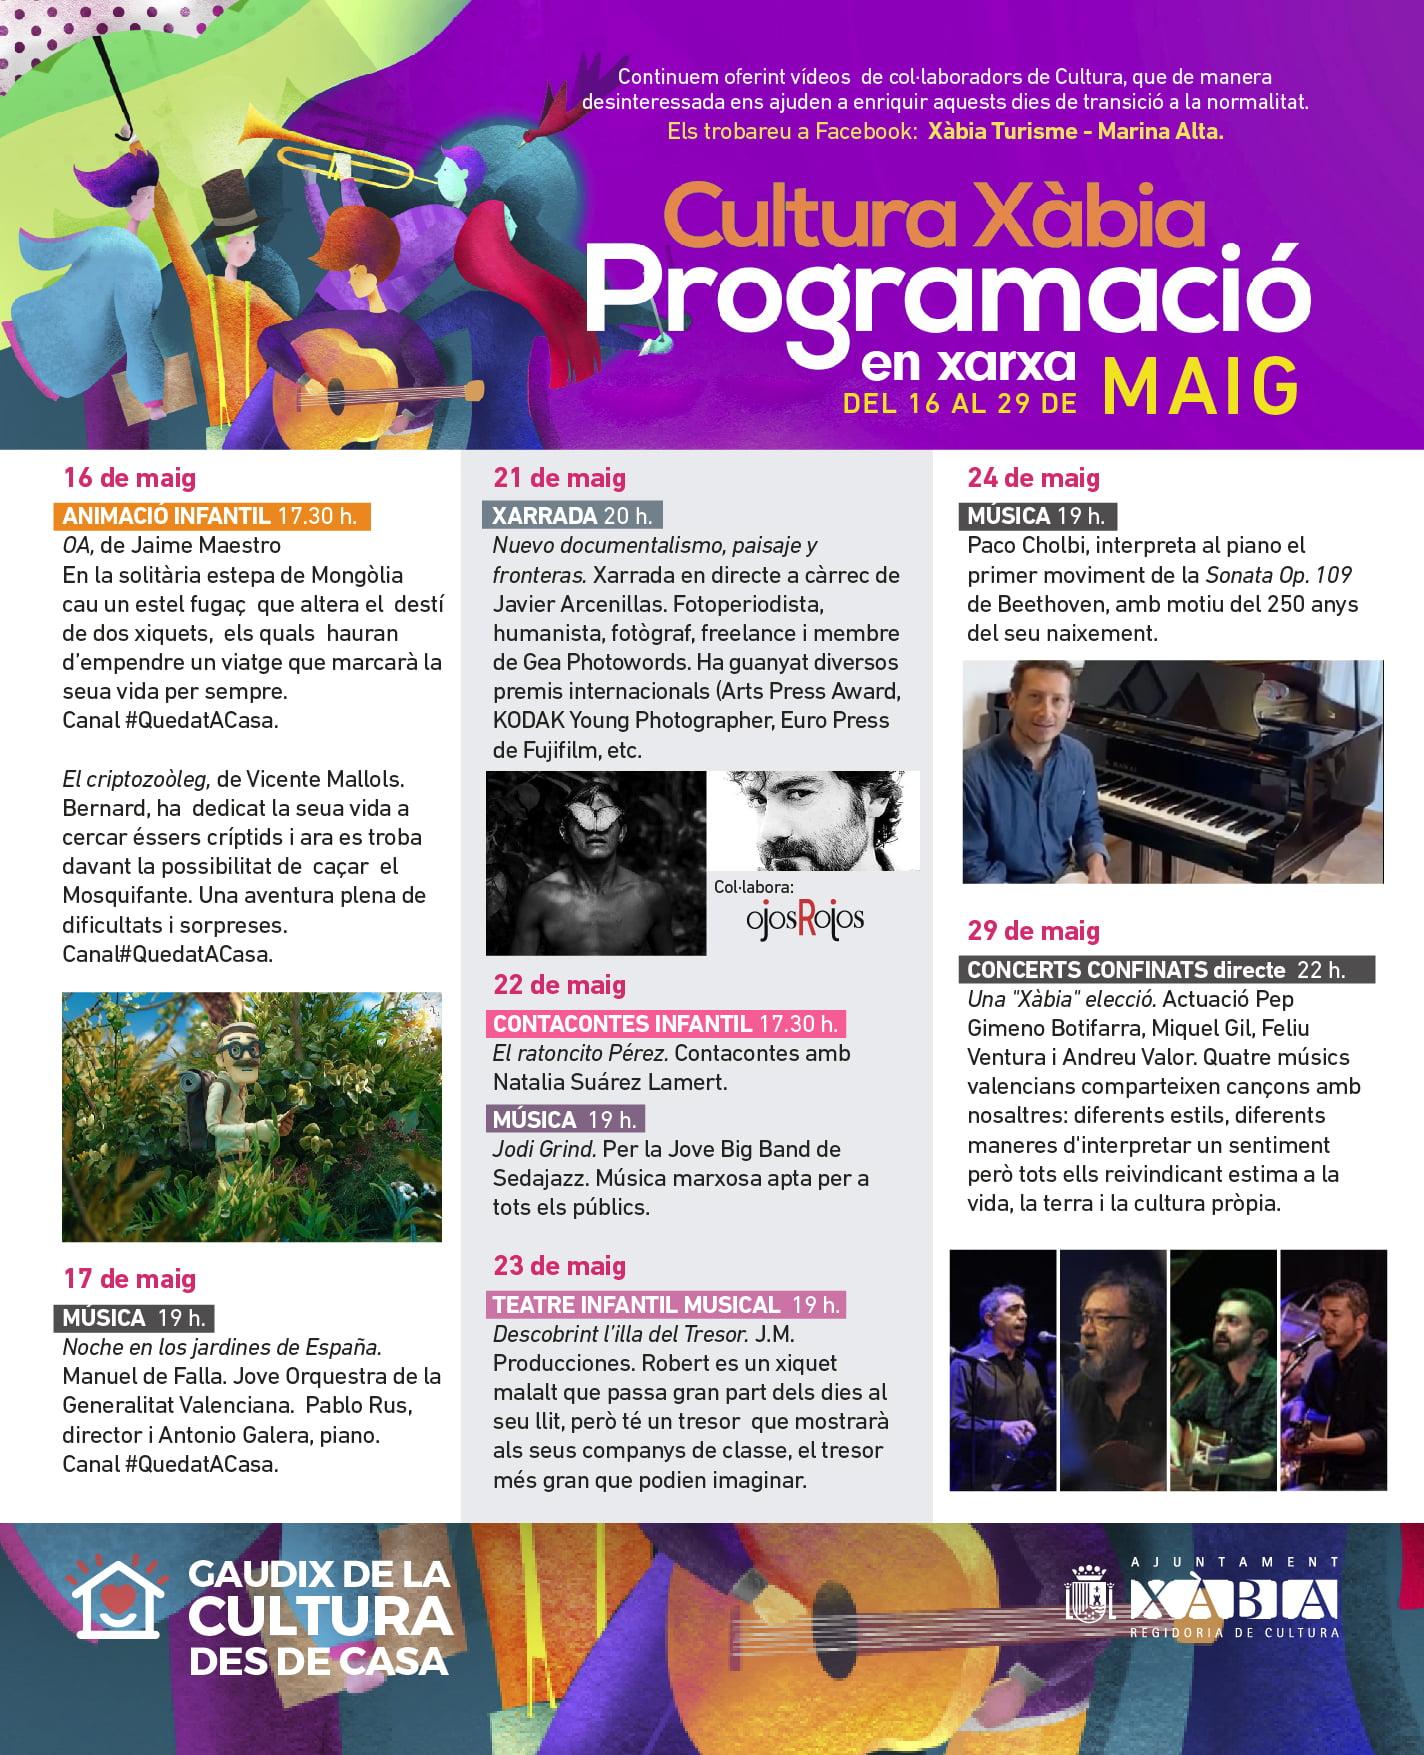 Programacio en xarxa DEL 16 AL 29 DE MAIG 2020 Cultura Xabia